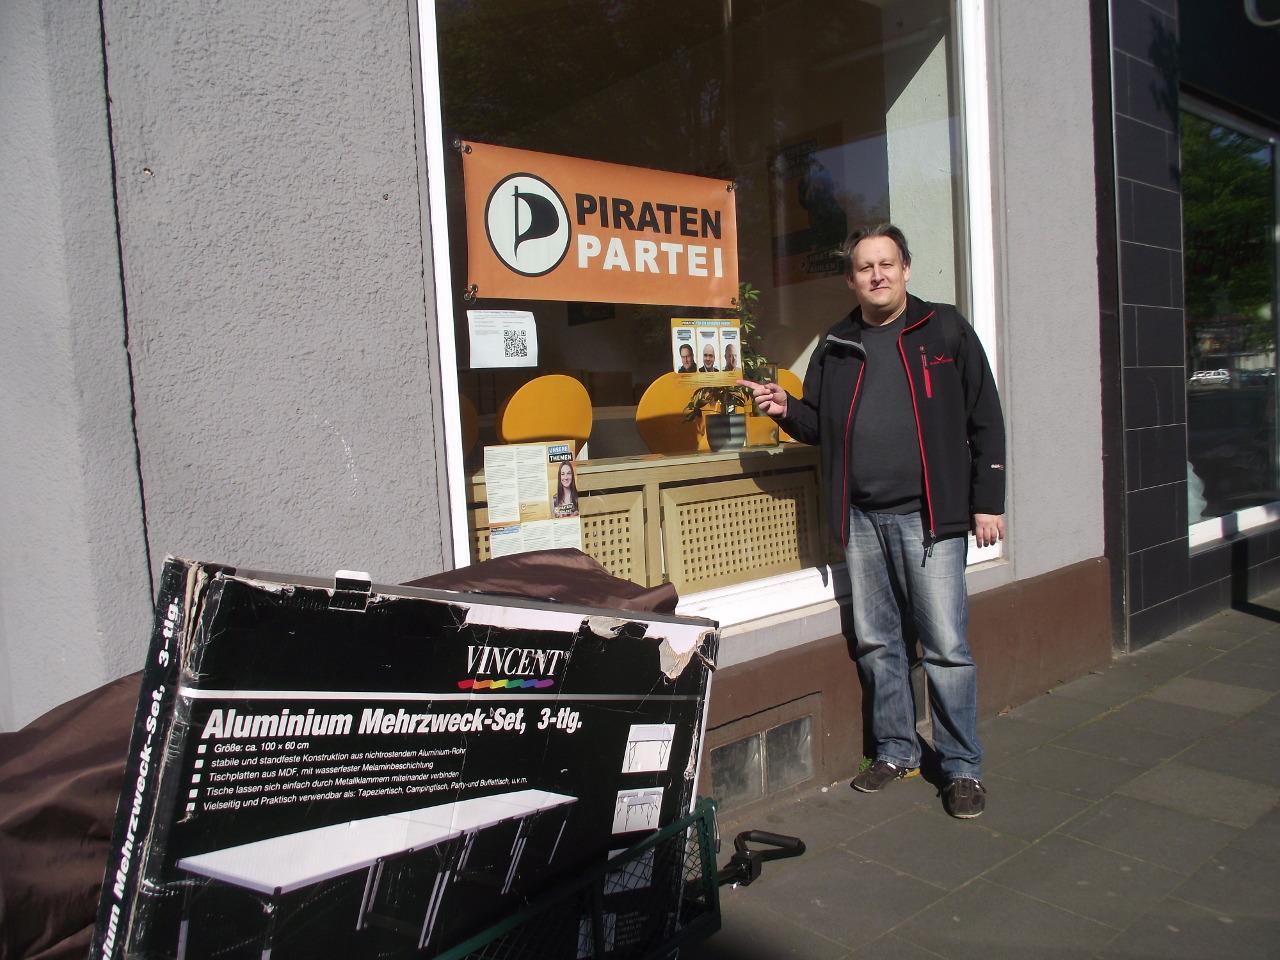 Spitzenkandidat Thorsten Kiszkenow mit Bollerwagen